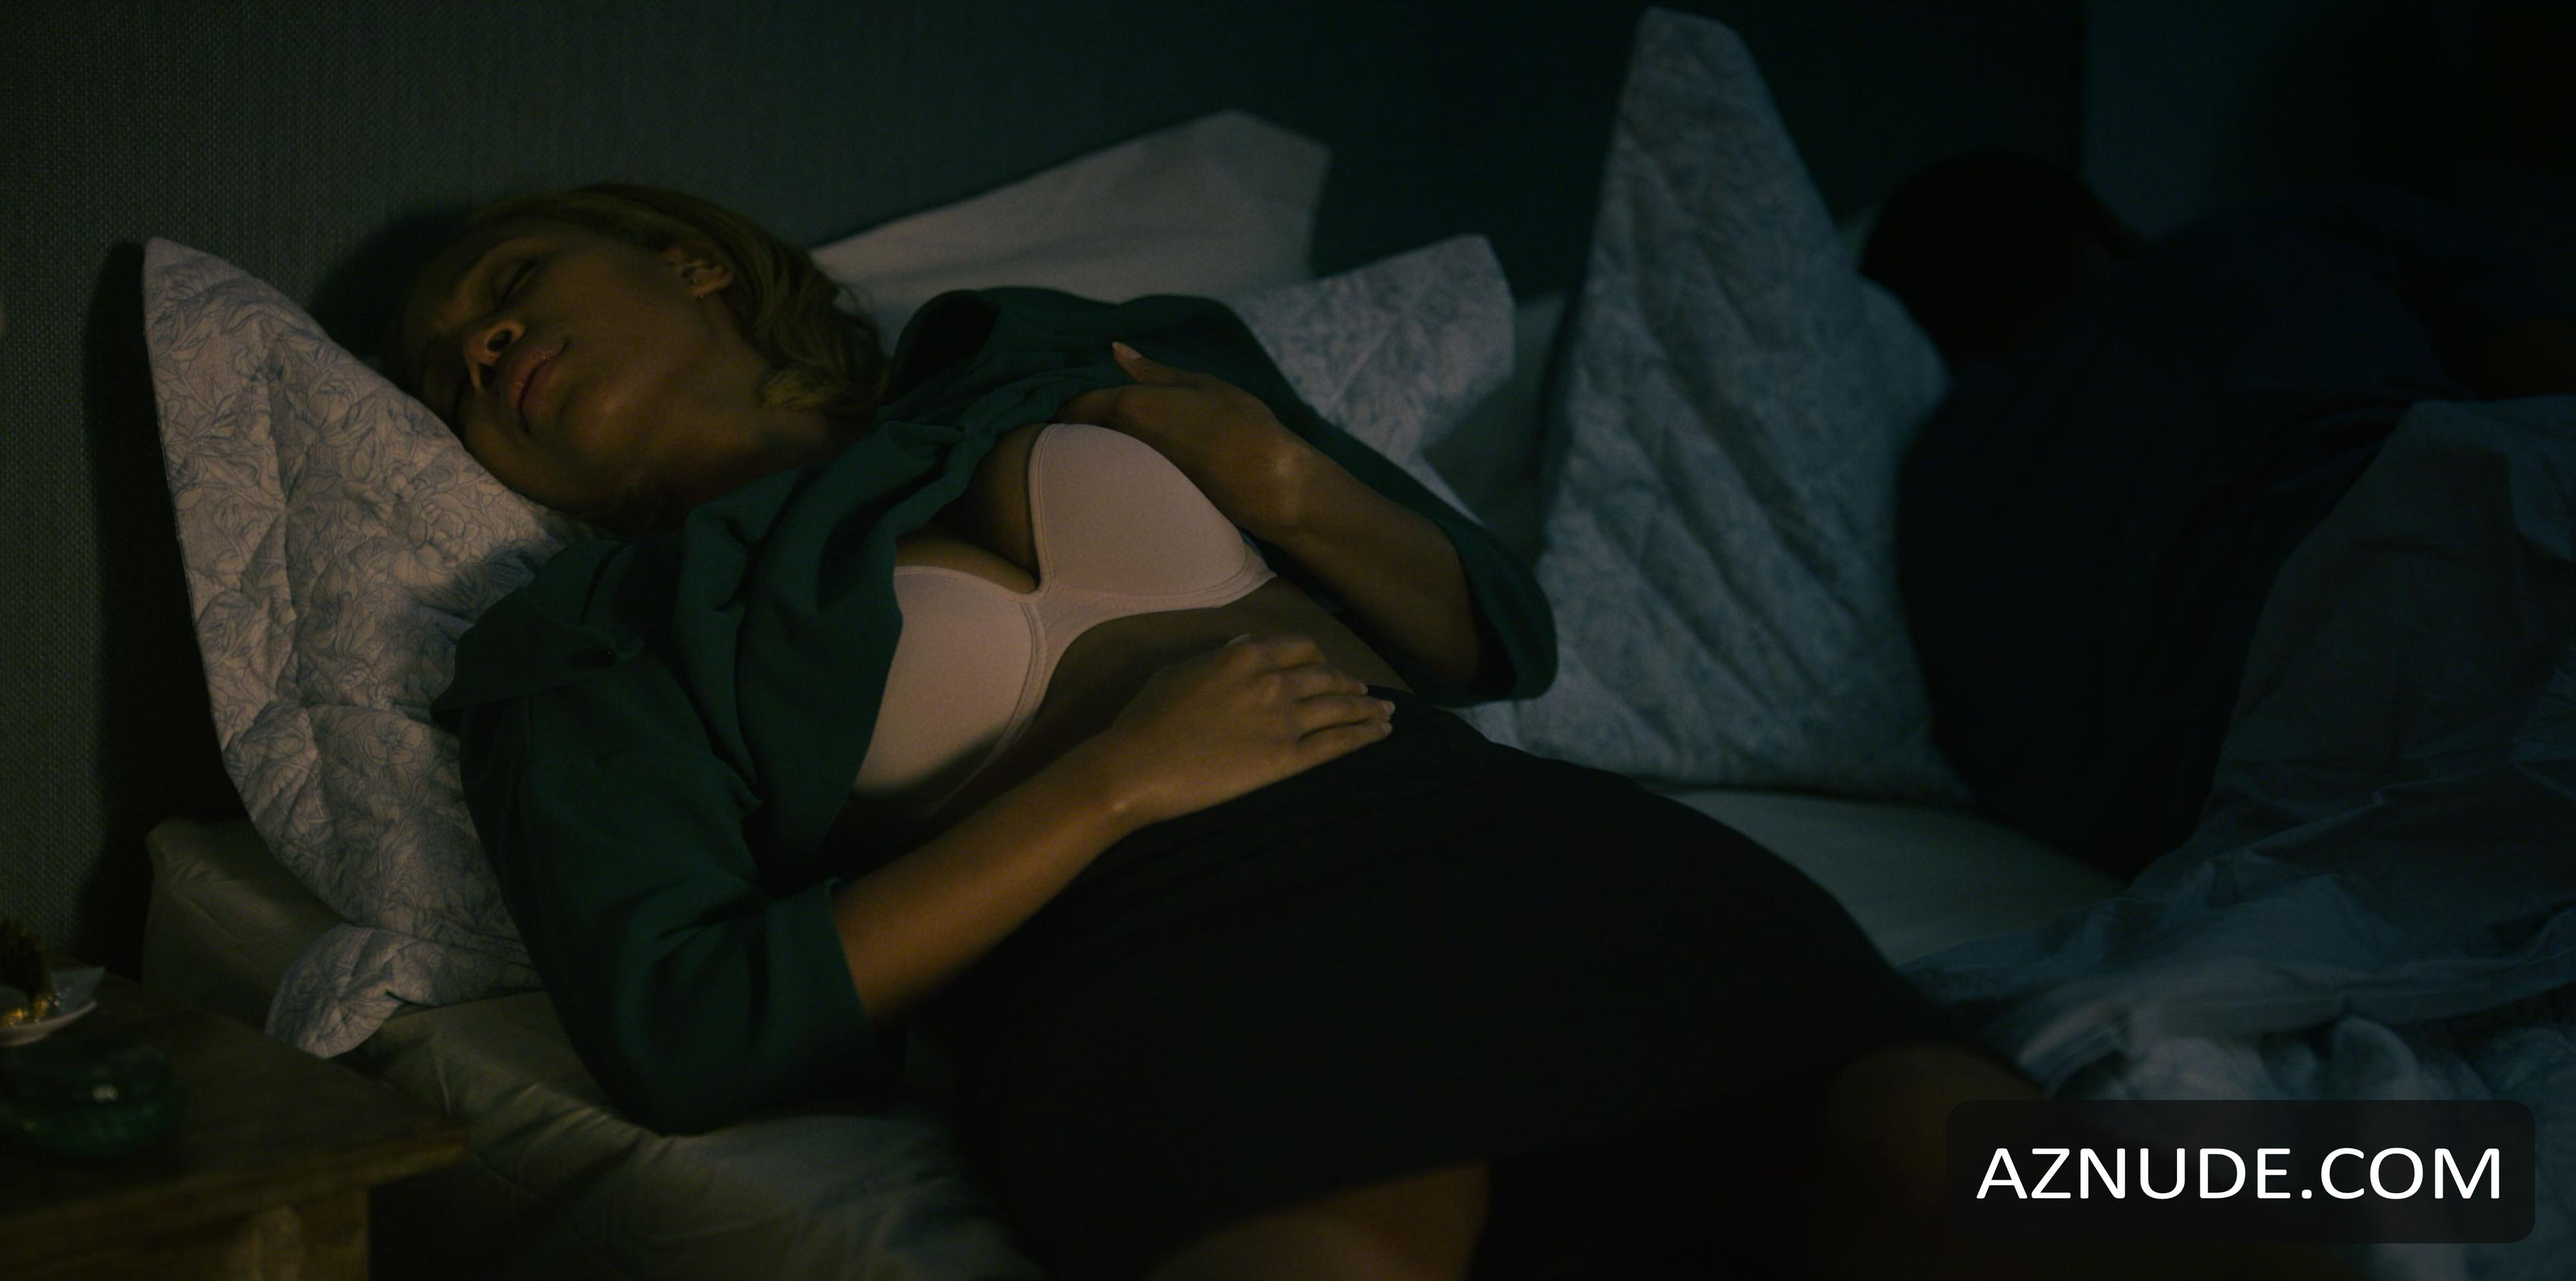 Nicole Beharie Porn nicole beharie nude - aznude